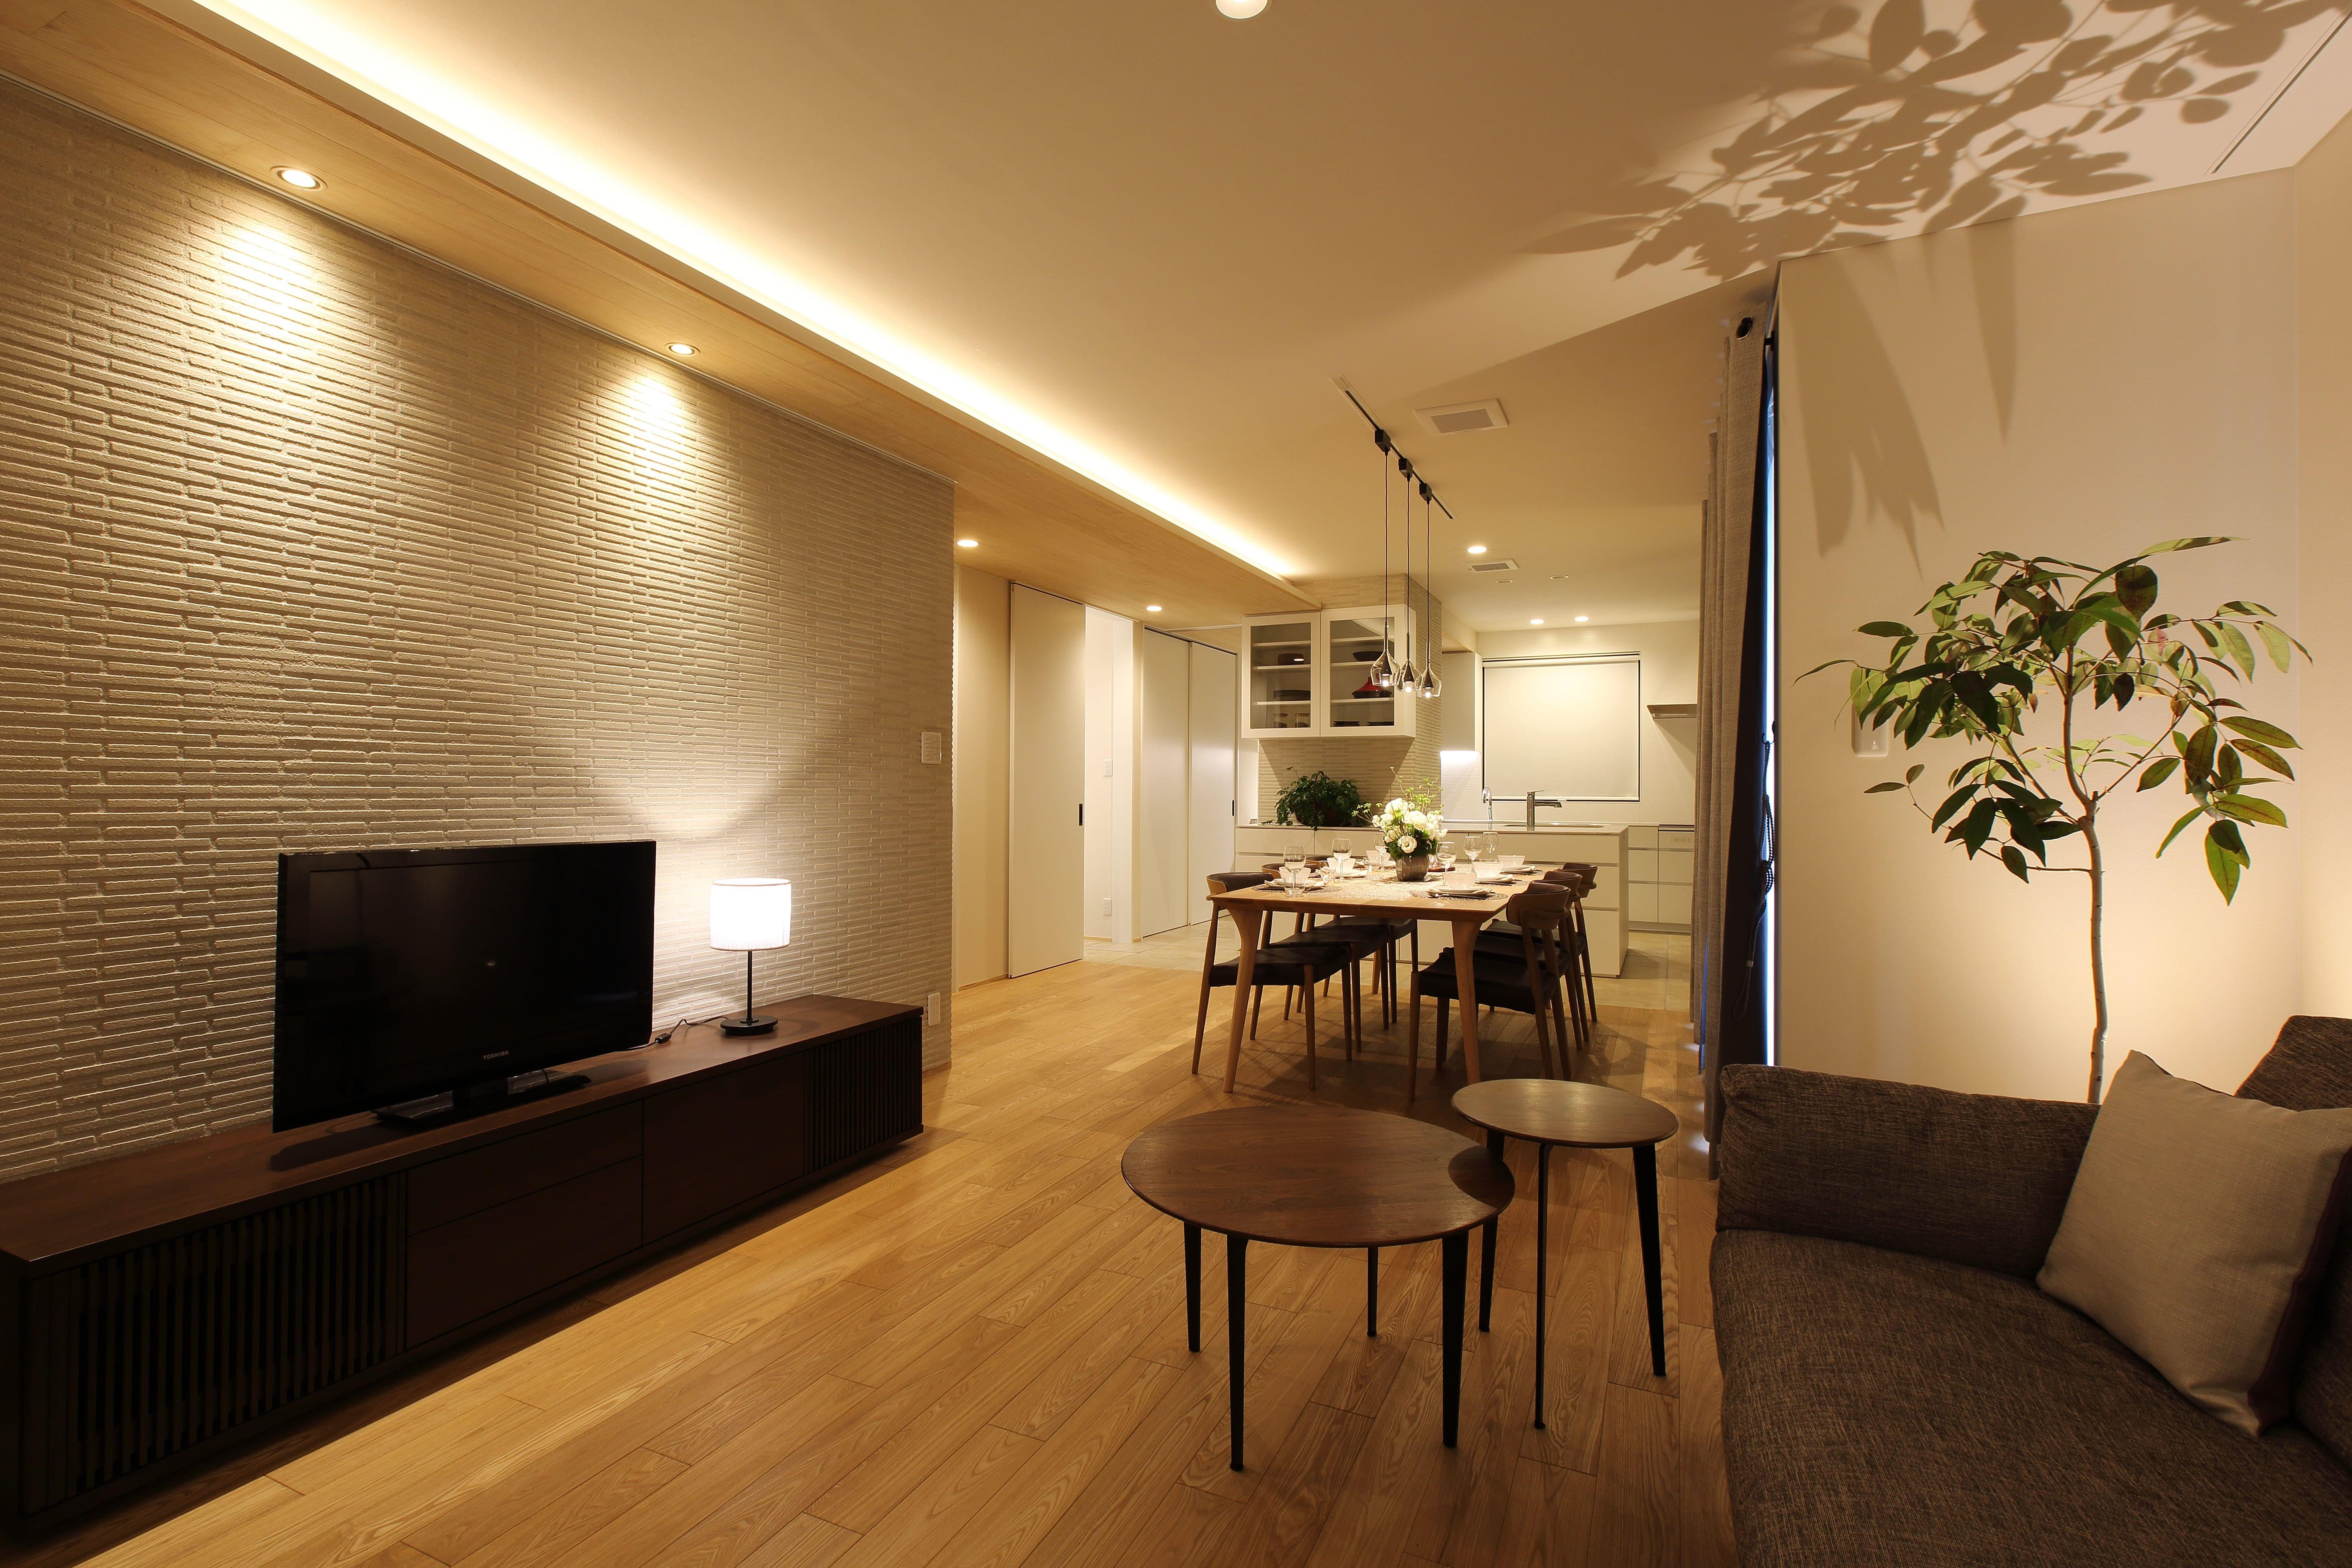 リビングダイニング事例:モダンな北欧風のリビング。(中古住宅を購入してリフォーム。住みやすさとデザイン性の高さを兼ね備えた住まいに。)